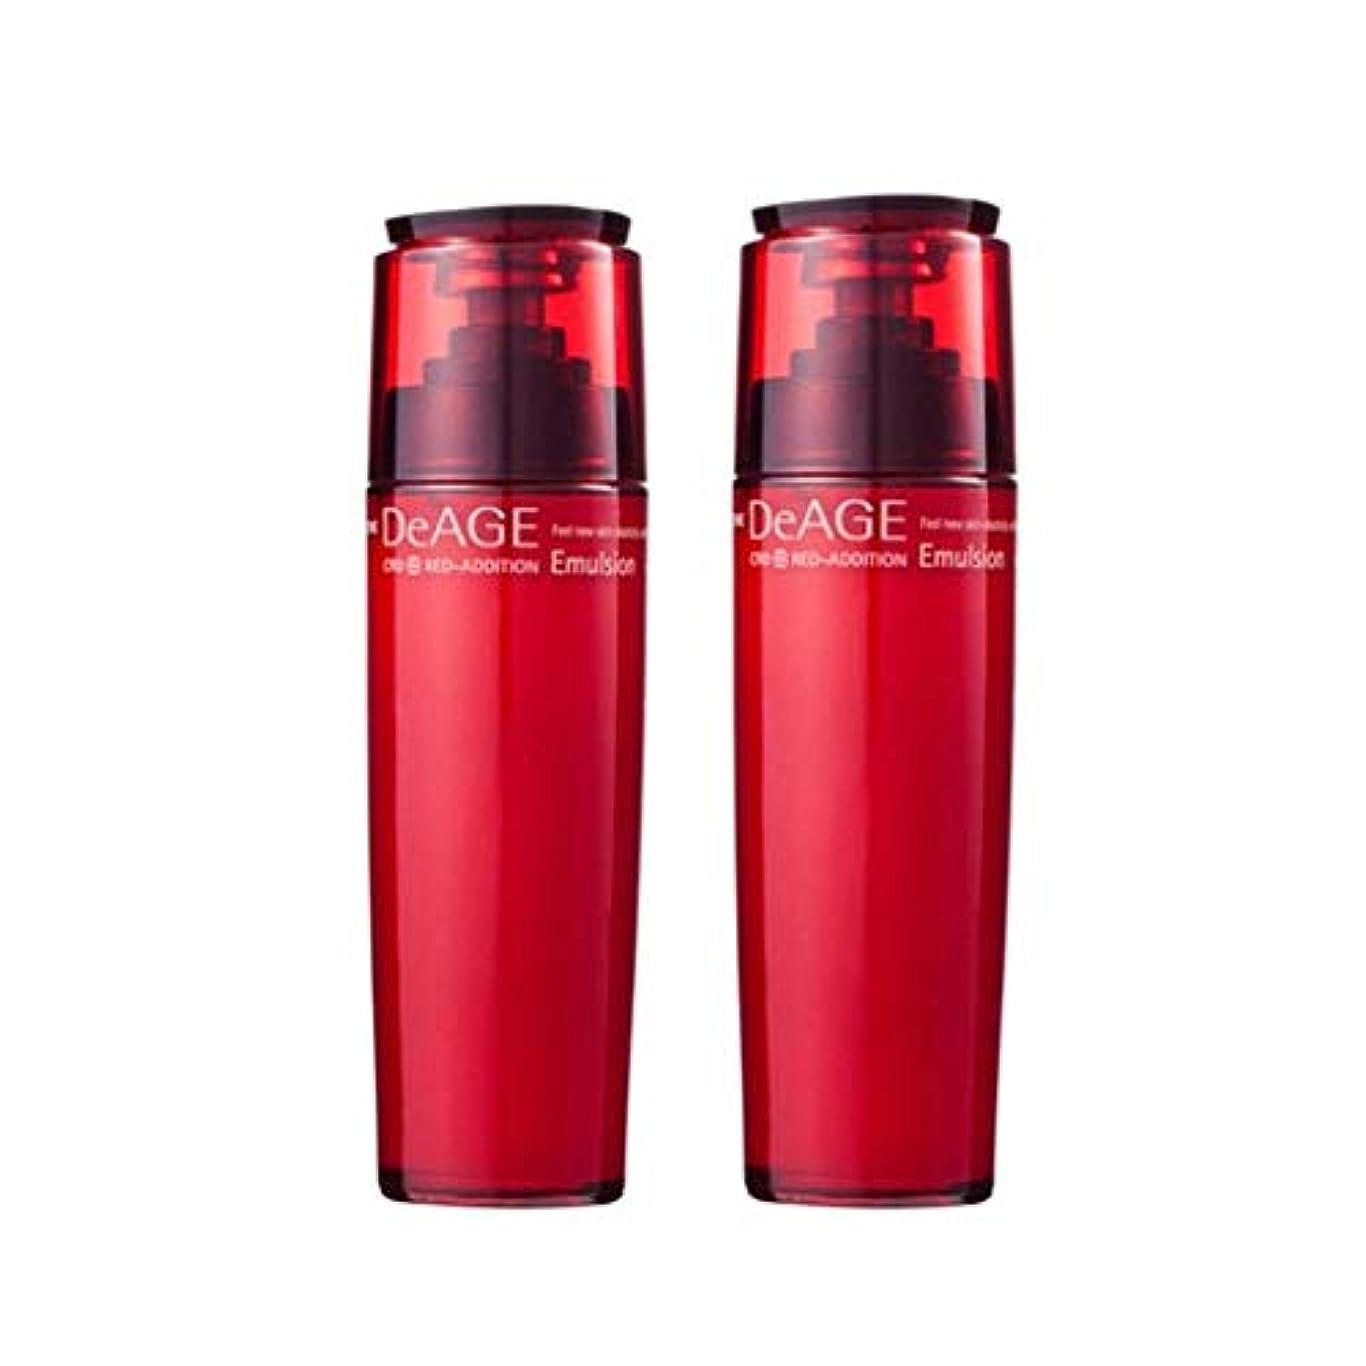 素人オーバーラン起きろチャムジョンディエイジレッドエディションエマルジョン130ml x 2、Charmzone DeAGE Red-Addition Emulsion 130ml x 2 [並行輸入品]